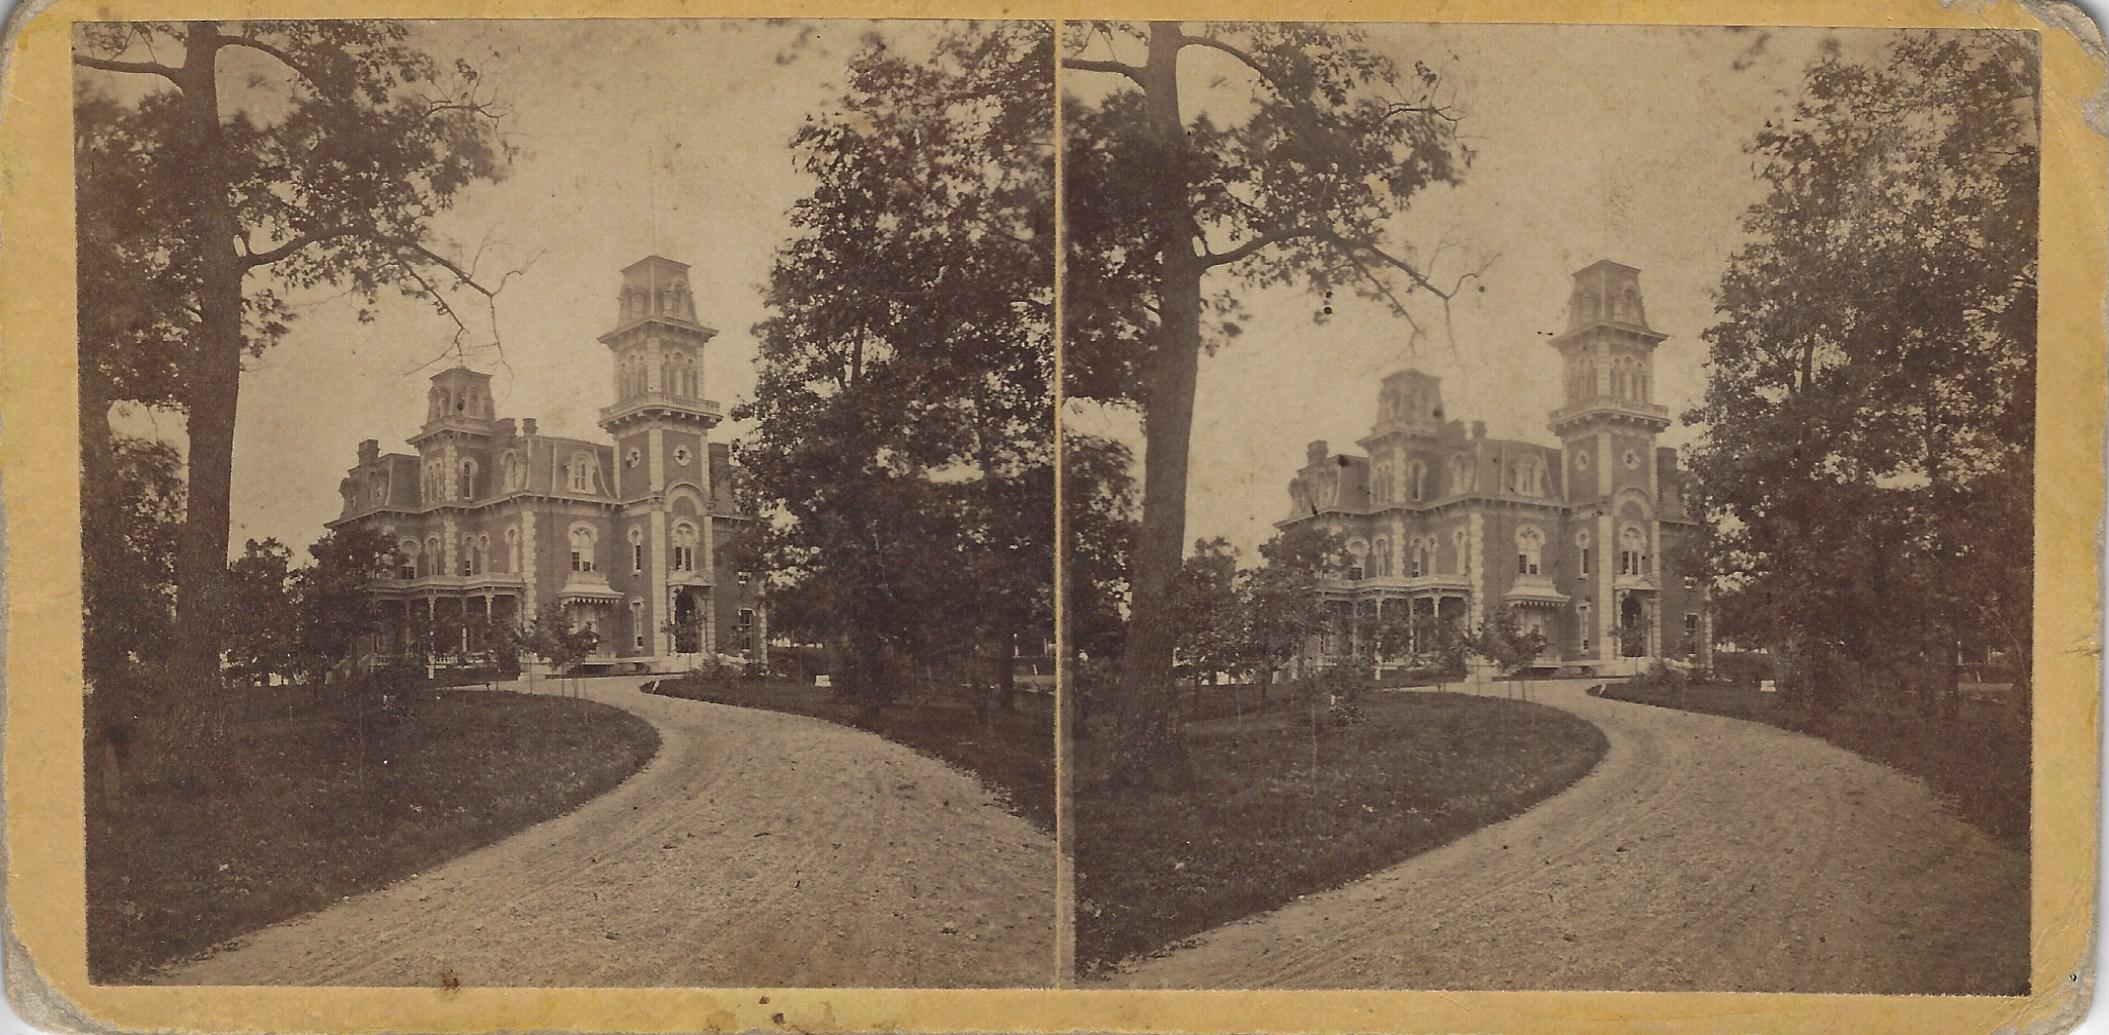 LJTP 100.276 - S. Root - W.H. Peabody Home - Jun 26 1875